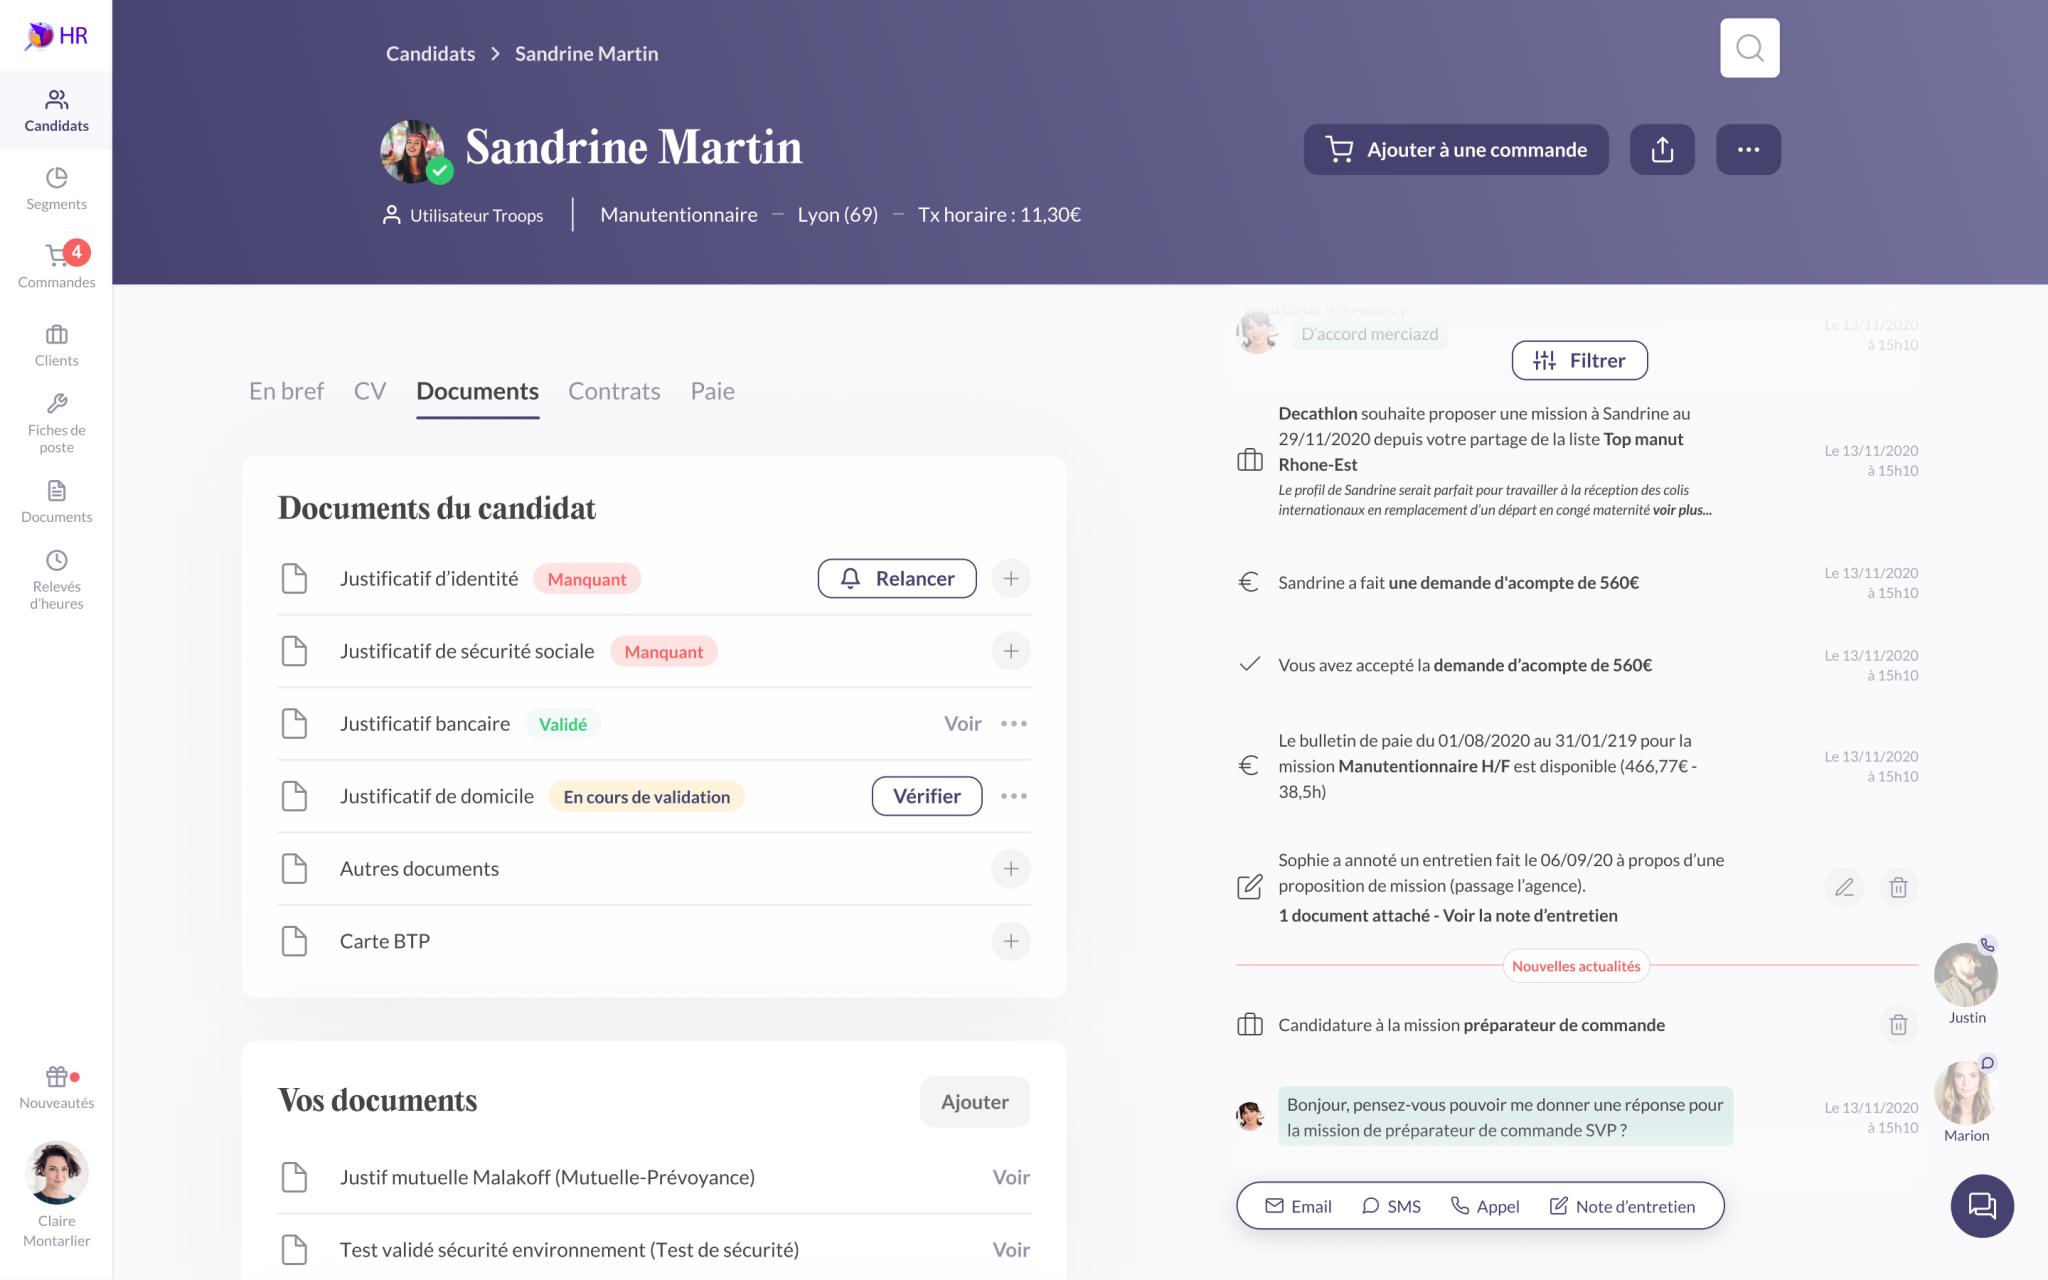 Capture d'écran de l'application Troops de la page de profil d'un candidat avec ses informations et ses documents.